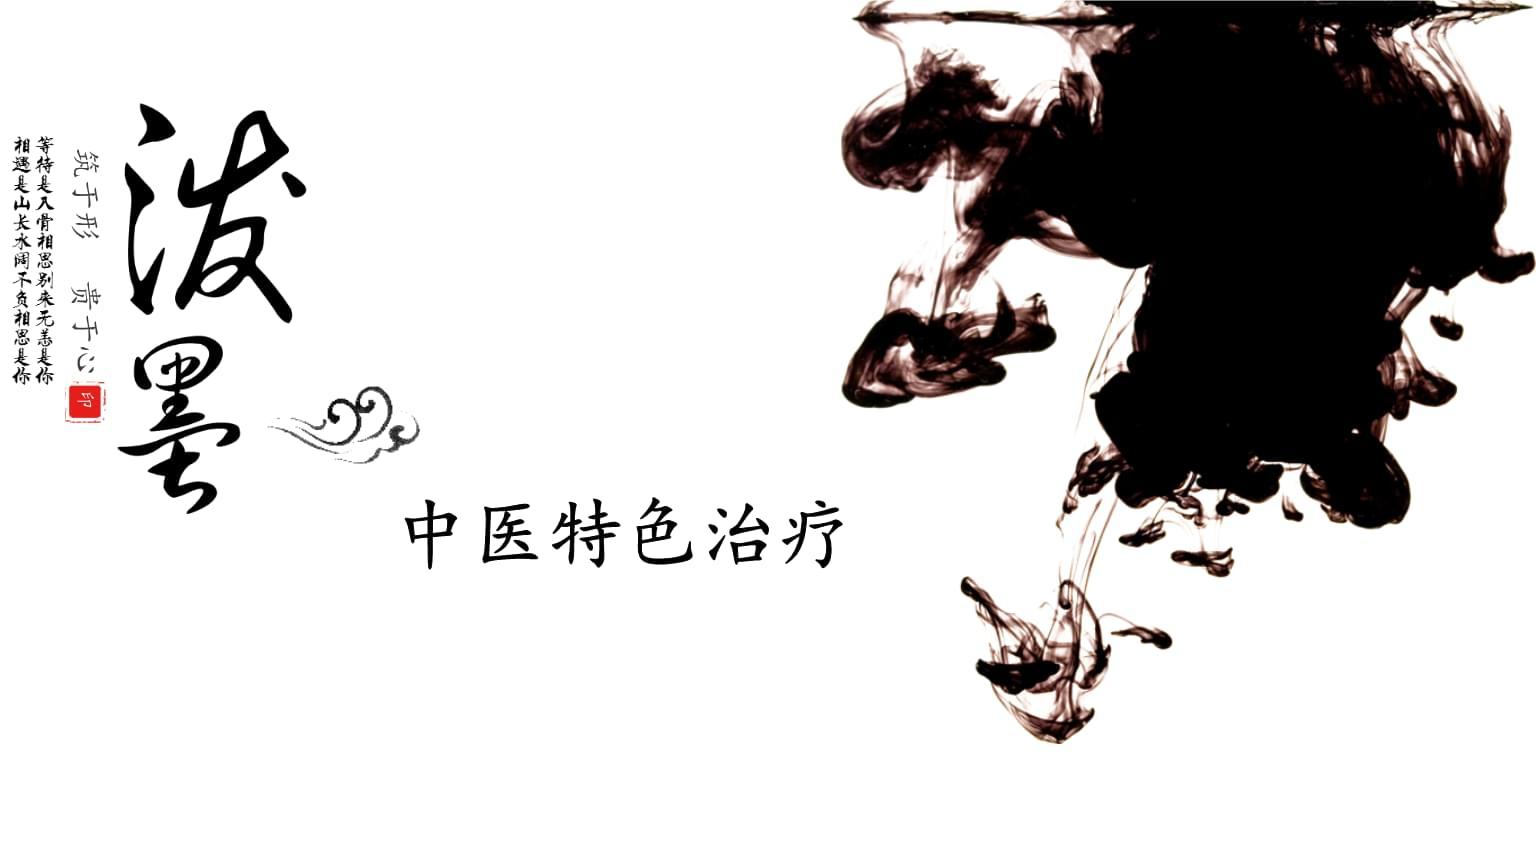 中医特色治疗 1.pptx